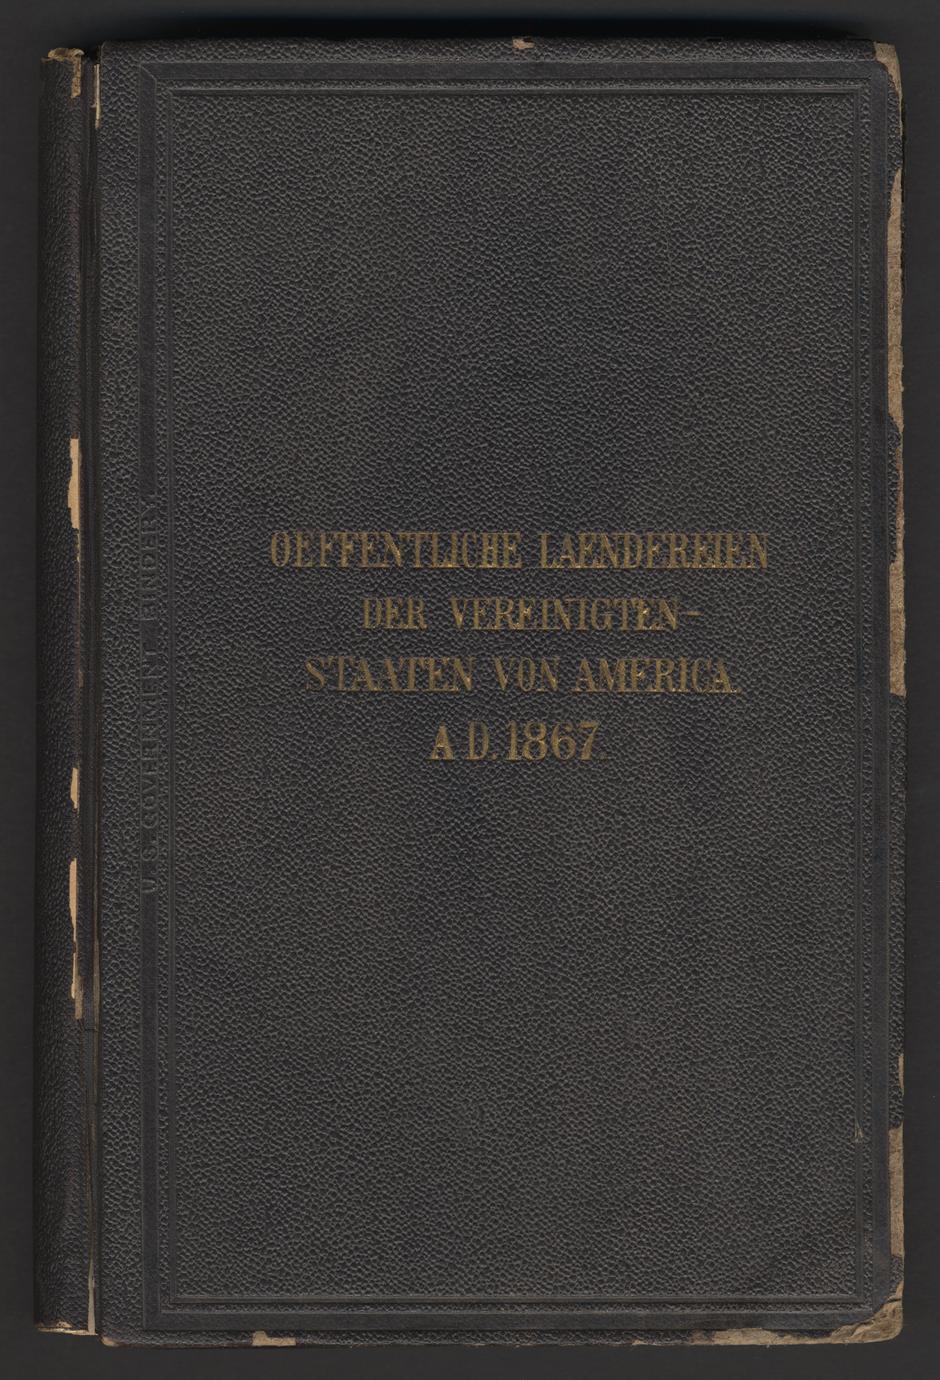 Bericht des Commissiönär des General-Land-Amtes, der Vereinigten Staaten von America, für das Jahr 1867 (1 of 2)